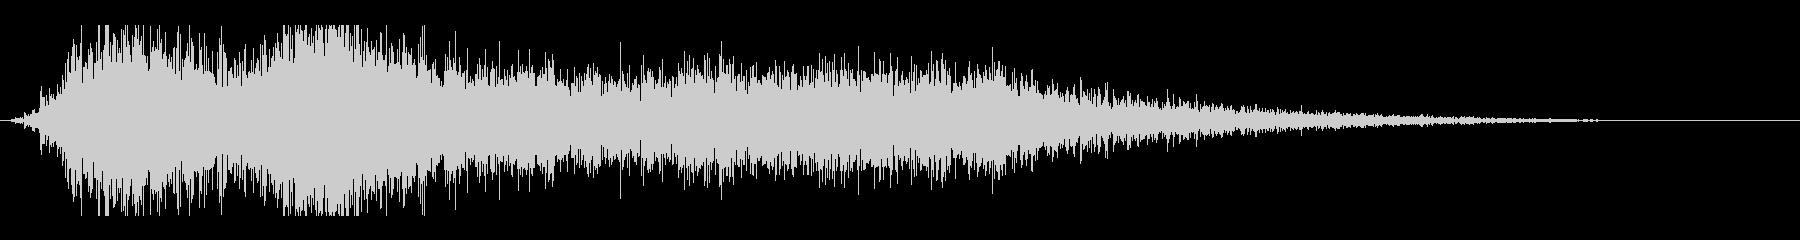 バヒューン2の未再生の波形